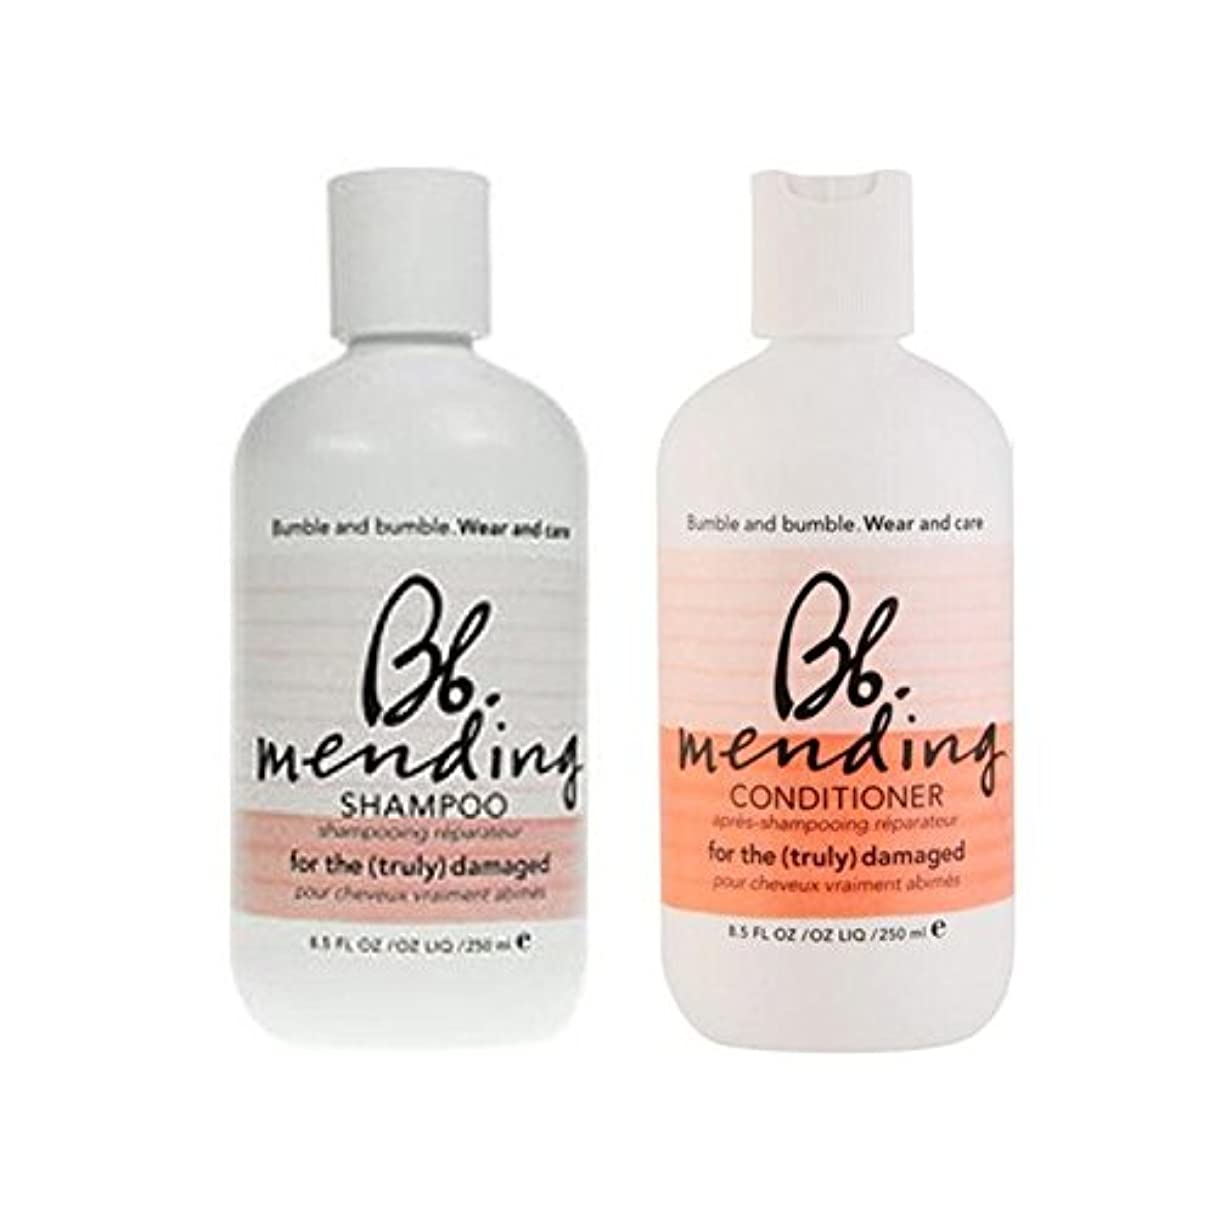 エイリアス不潔発音するBb Wear And Care Mending Duo- Shampoo And Conditioner (Pack of 6) - 着用し、-シャンプーとコンディショナーを補修ケア x6 [並行輸入品]